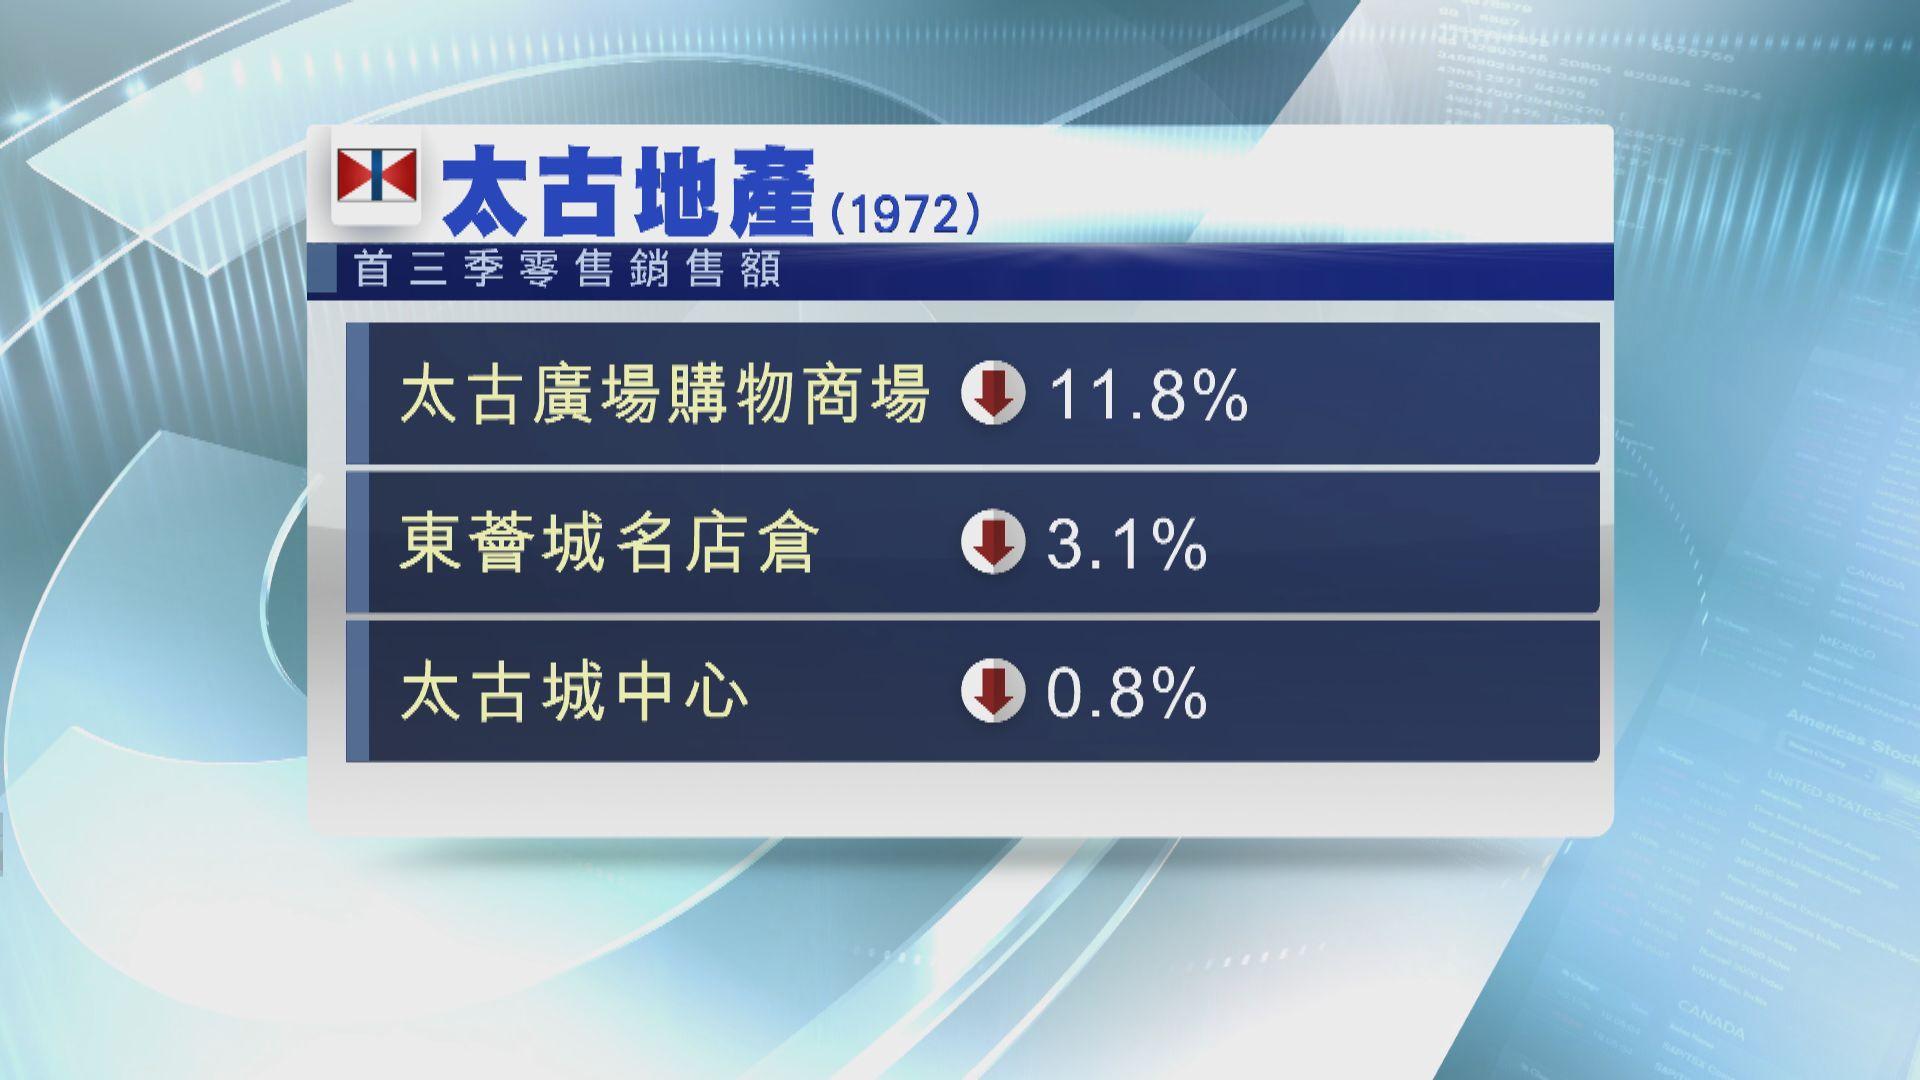 【零售銷售】太古廣場首三季零售銷售額跌11%